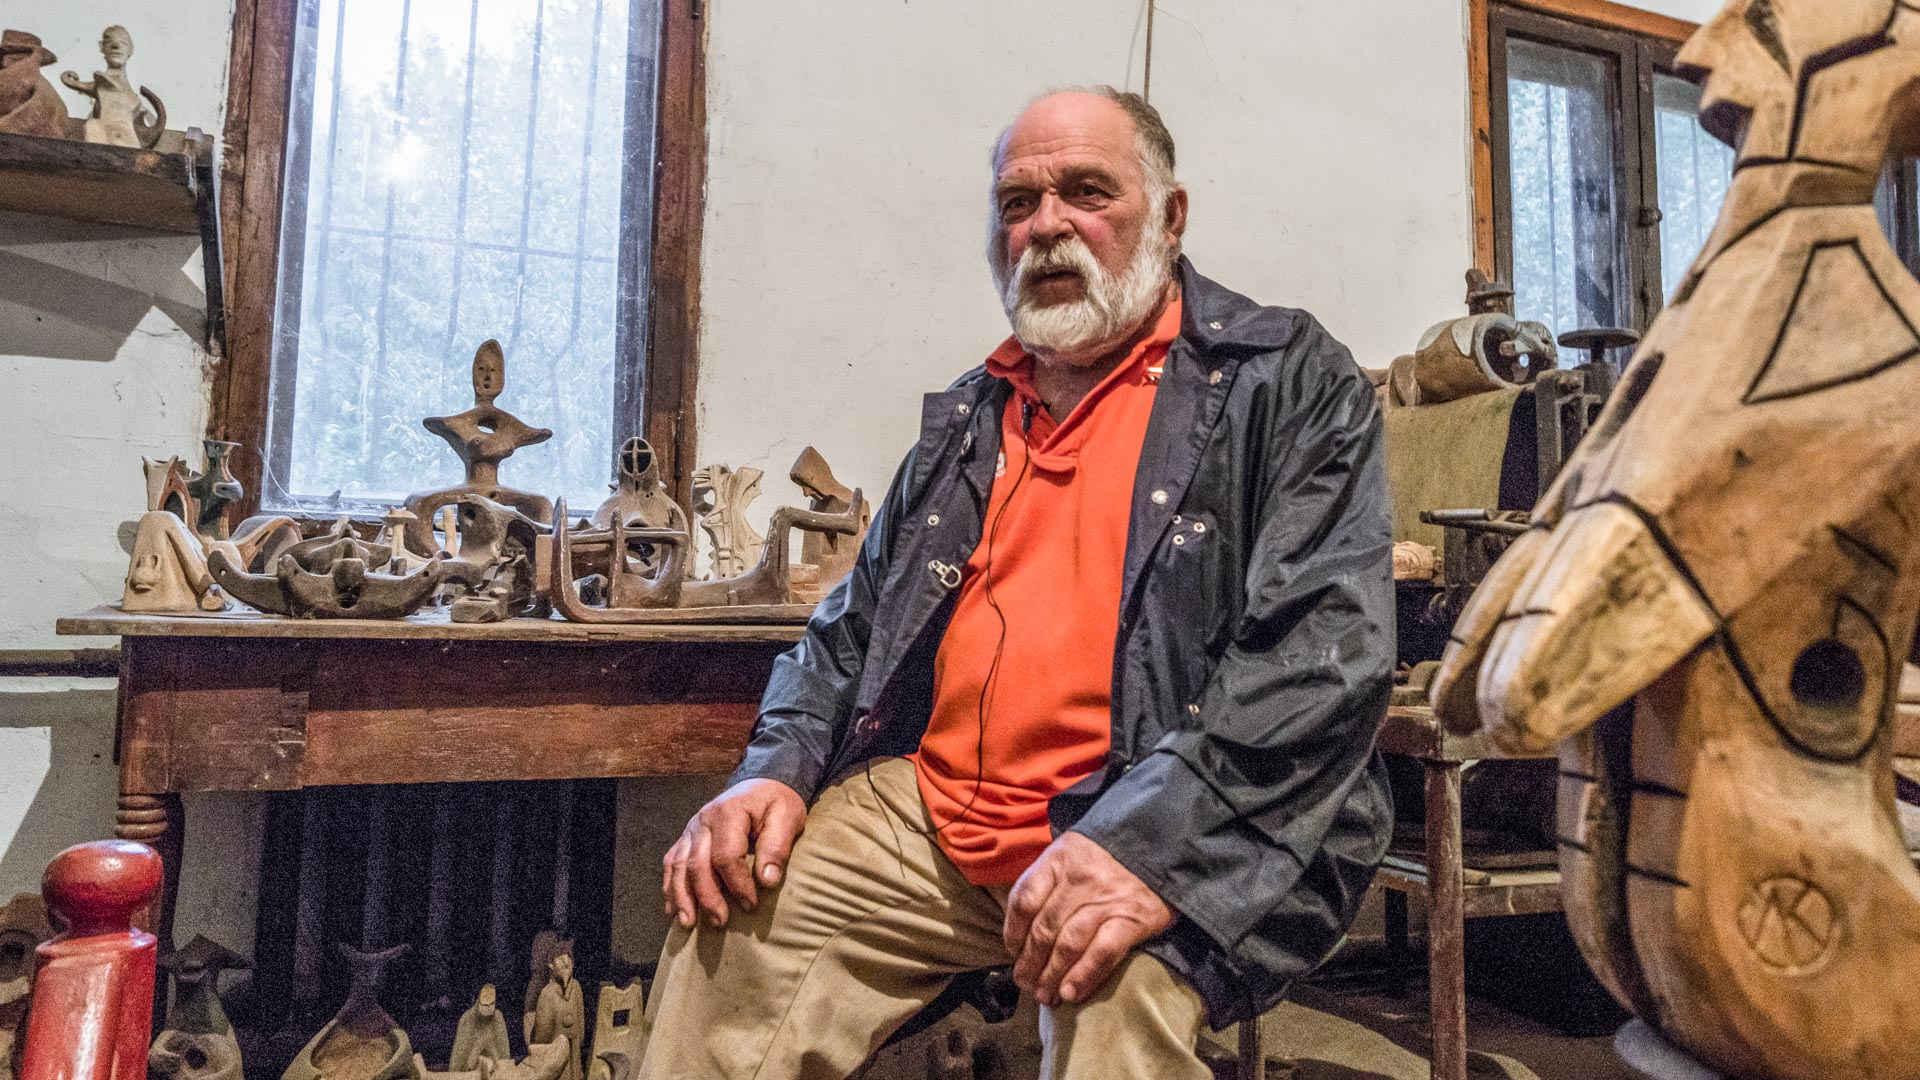 Скульптор ‒ камертон для суспільства